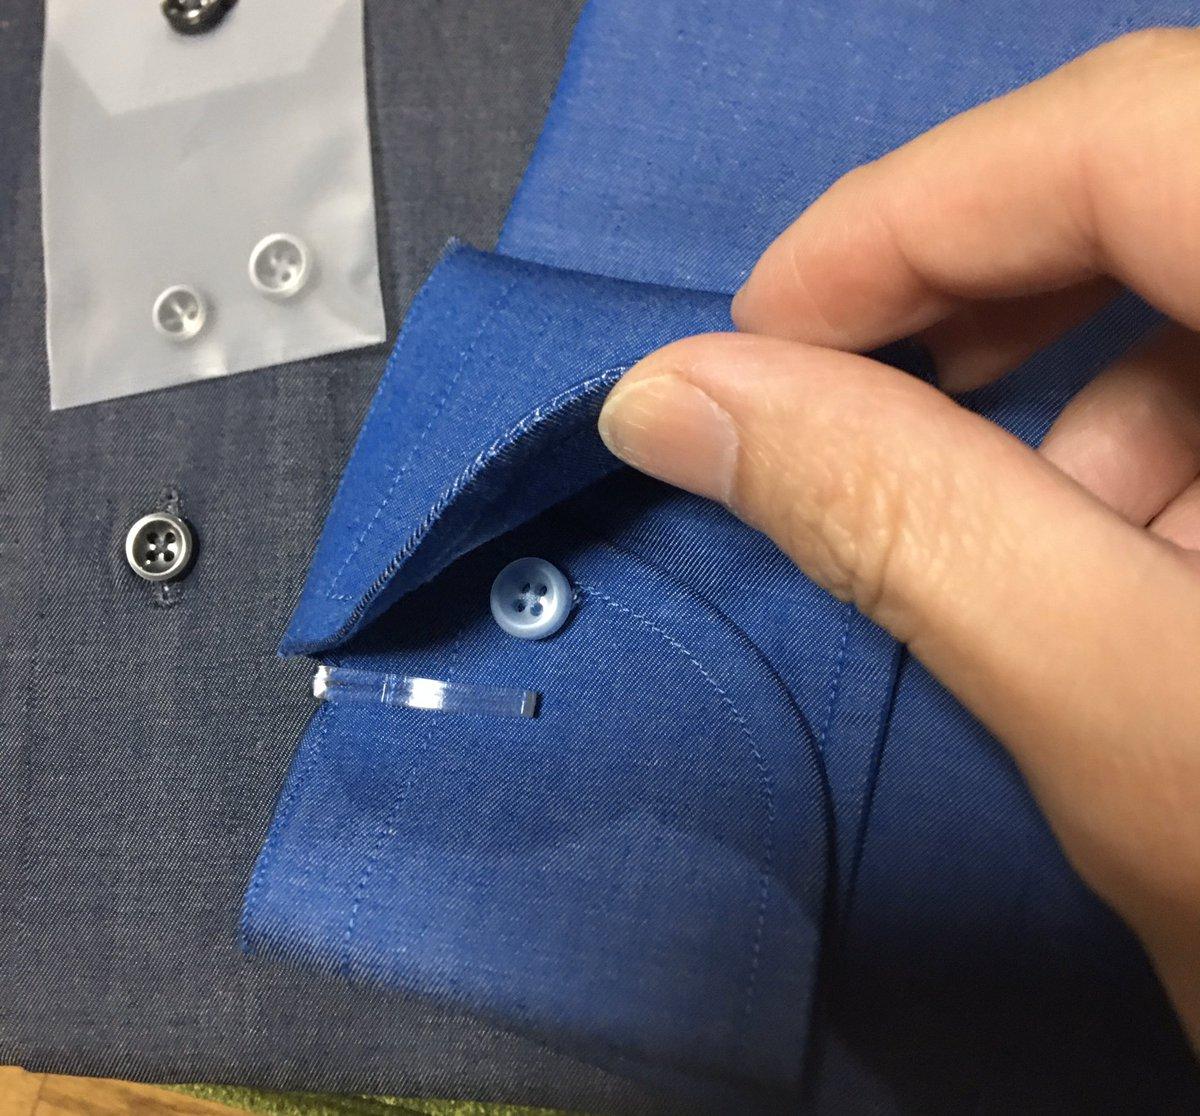 test ツイッターメディア - 仕事から帰ると、麻布テーラーからオーダーしていたシャツが届いていました。  シャンブレーシャツです。 良い感じの仕上がりですが、オーダーミスでカフス用のホールが無かったです。 次の改善点にします。 https://t.co/33LDSRolTJ